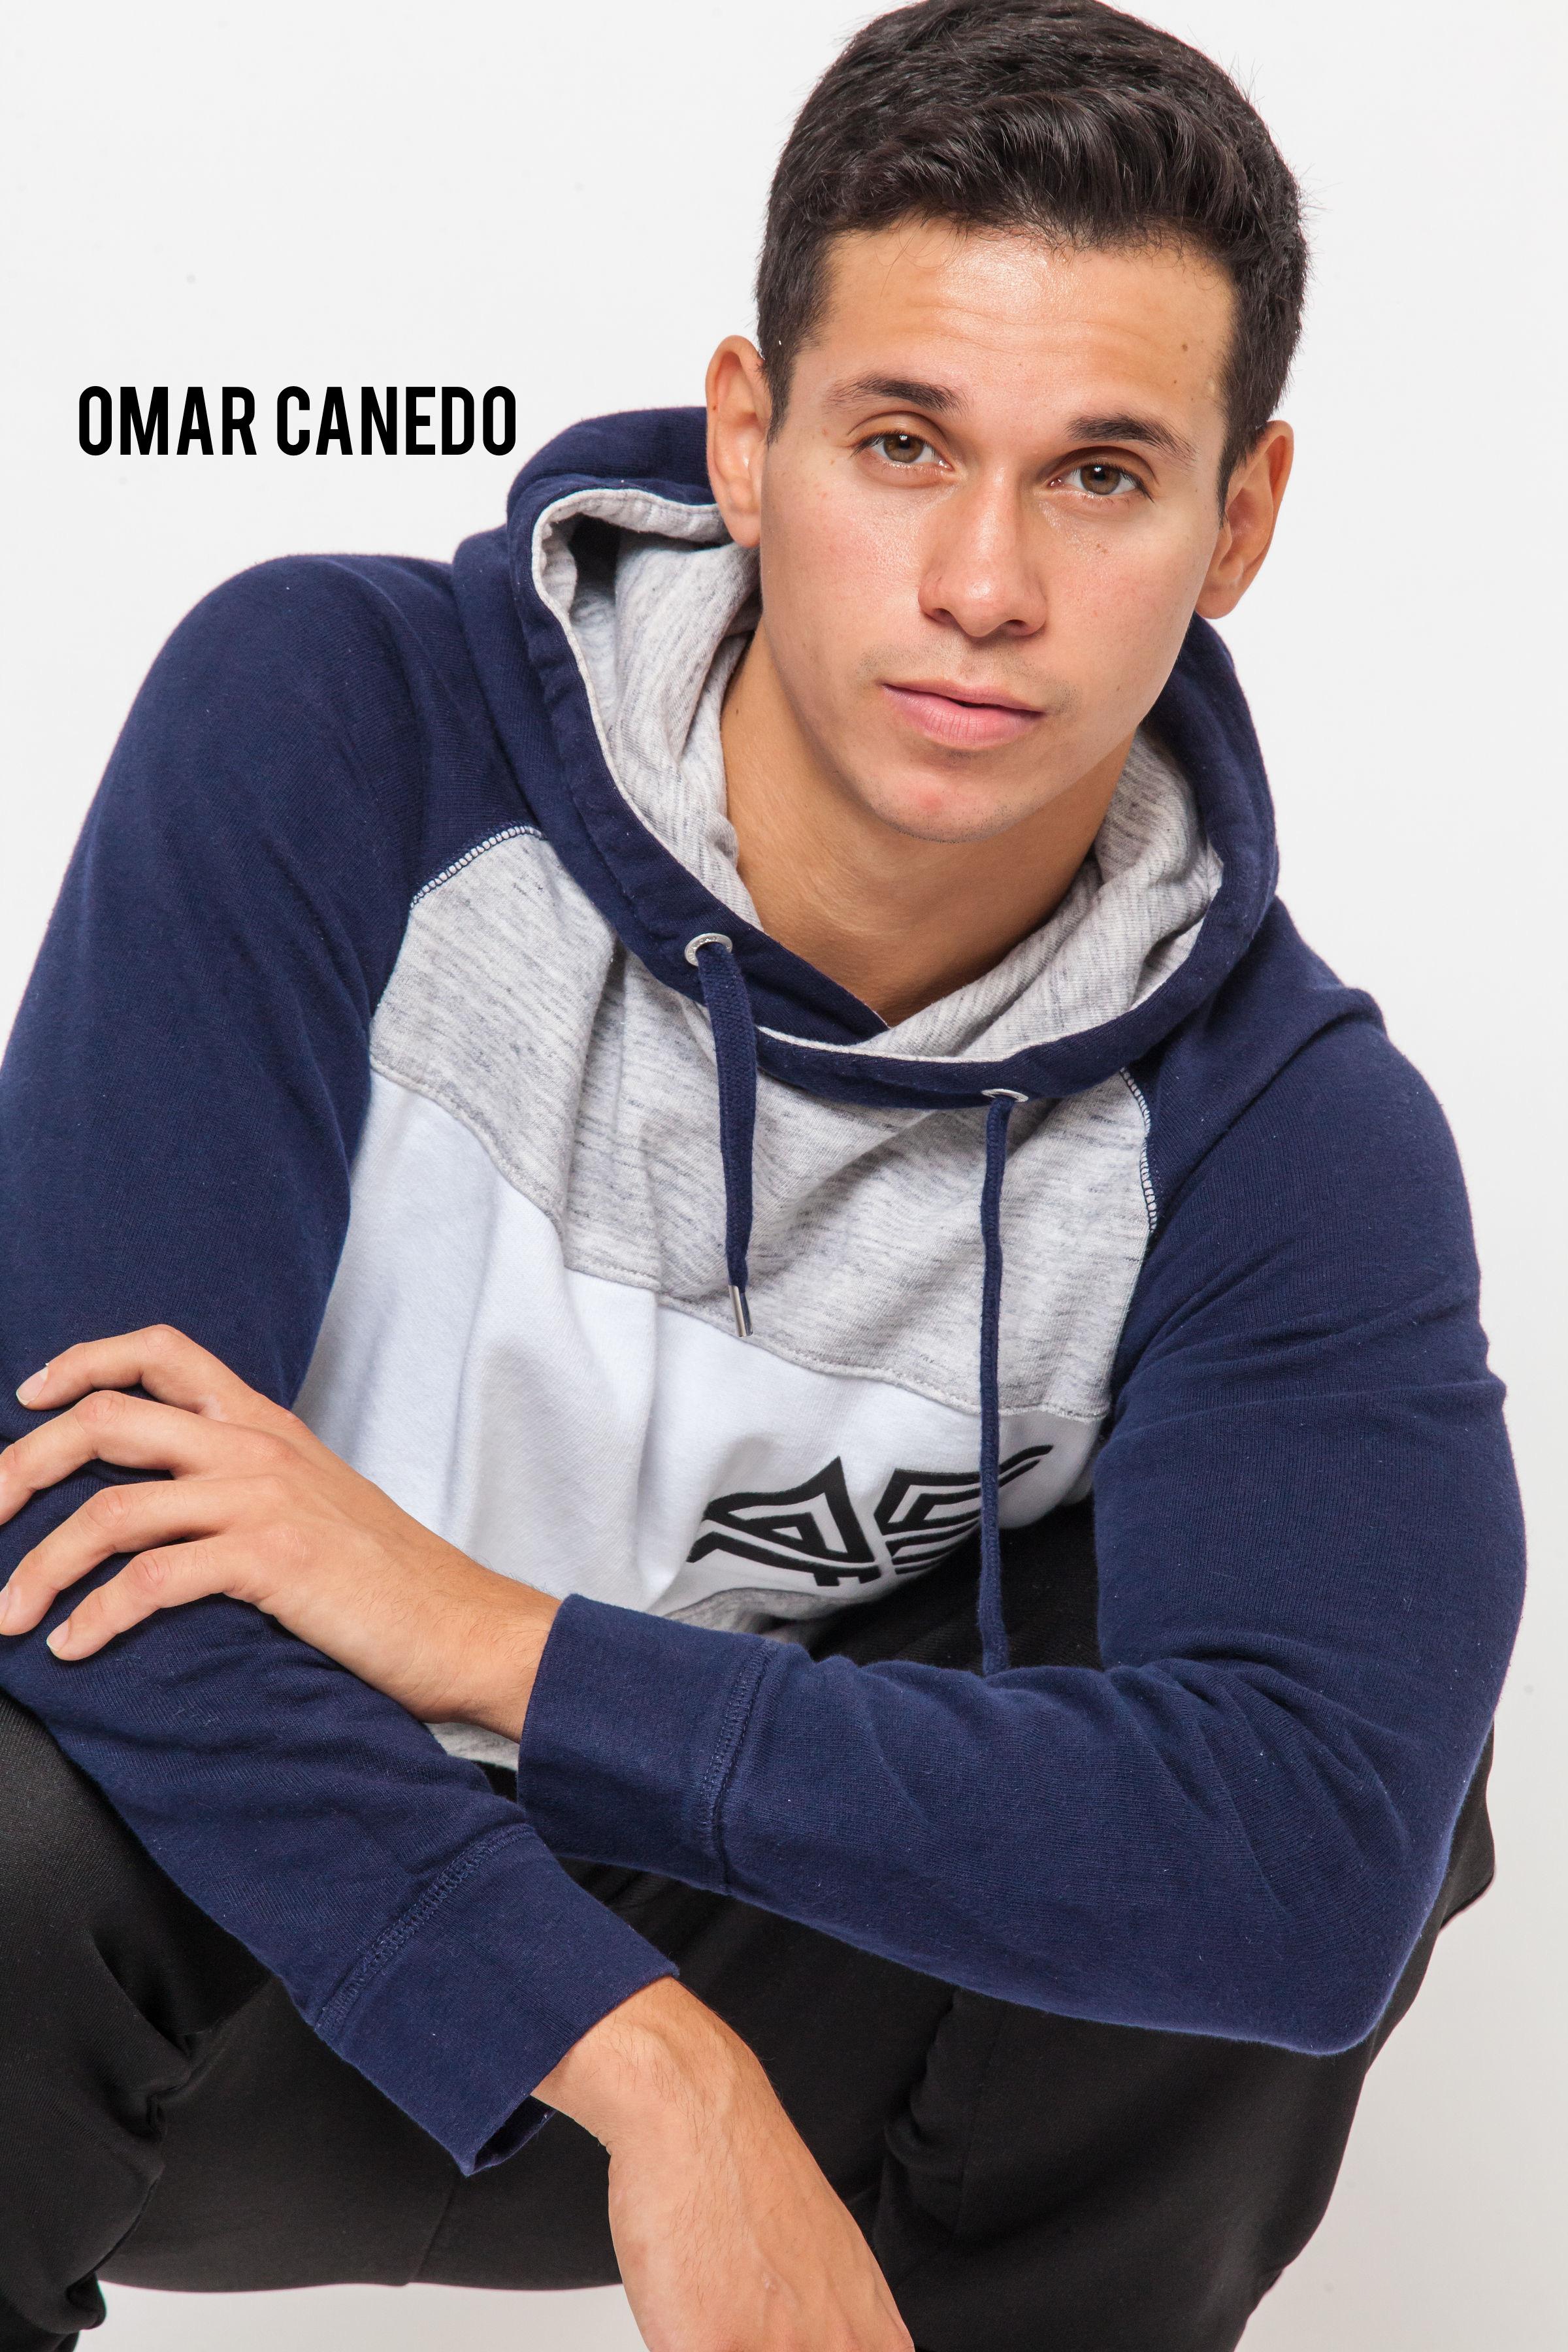 Omar copy.jpeg